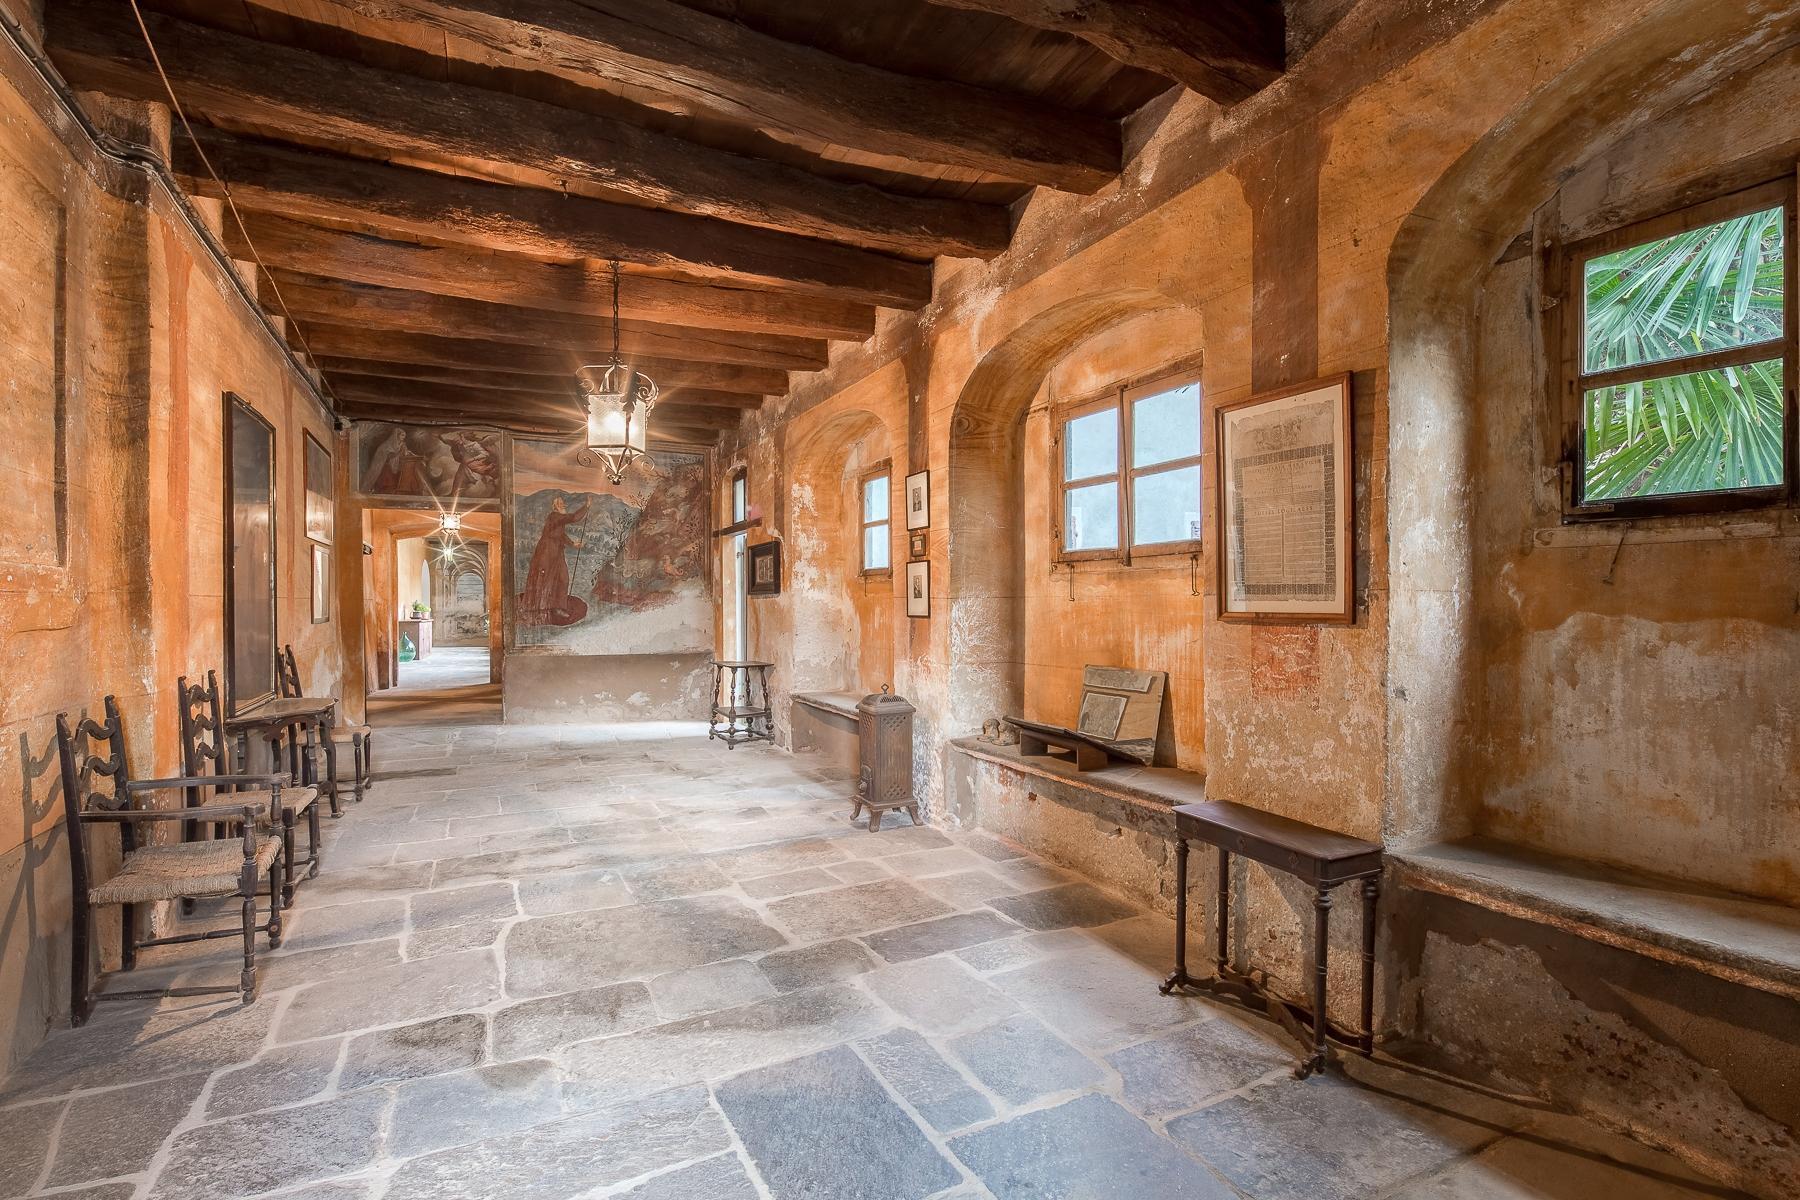 Бывший монастырь и вилла 19 века на Сакро-Монте - Орта Сан Джулио - 10